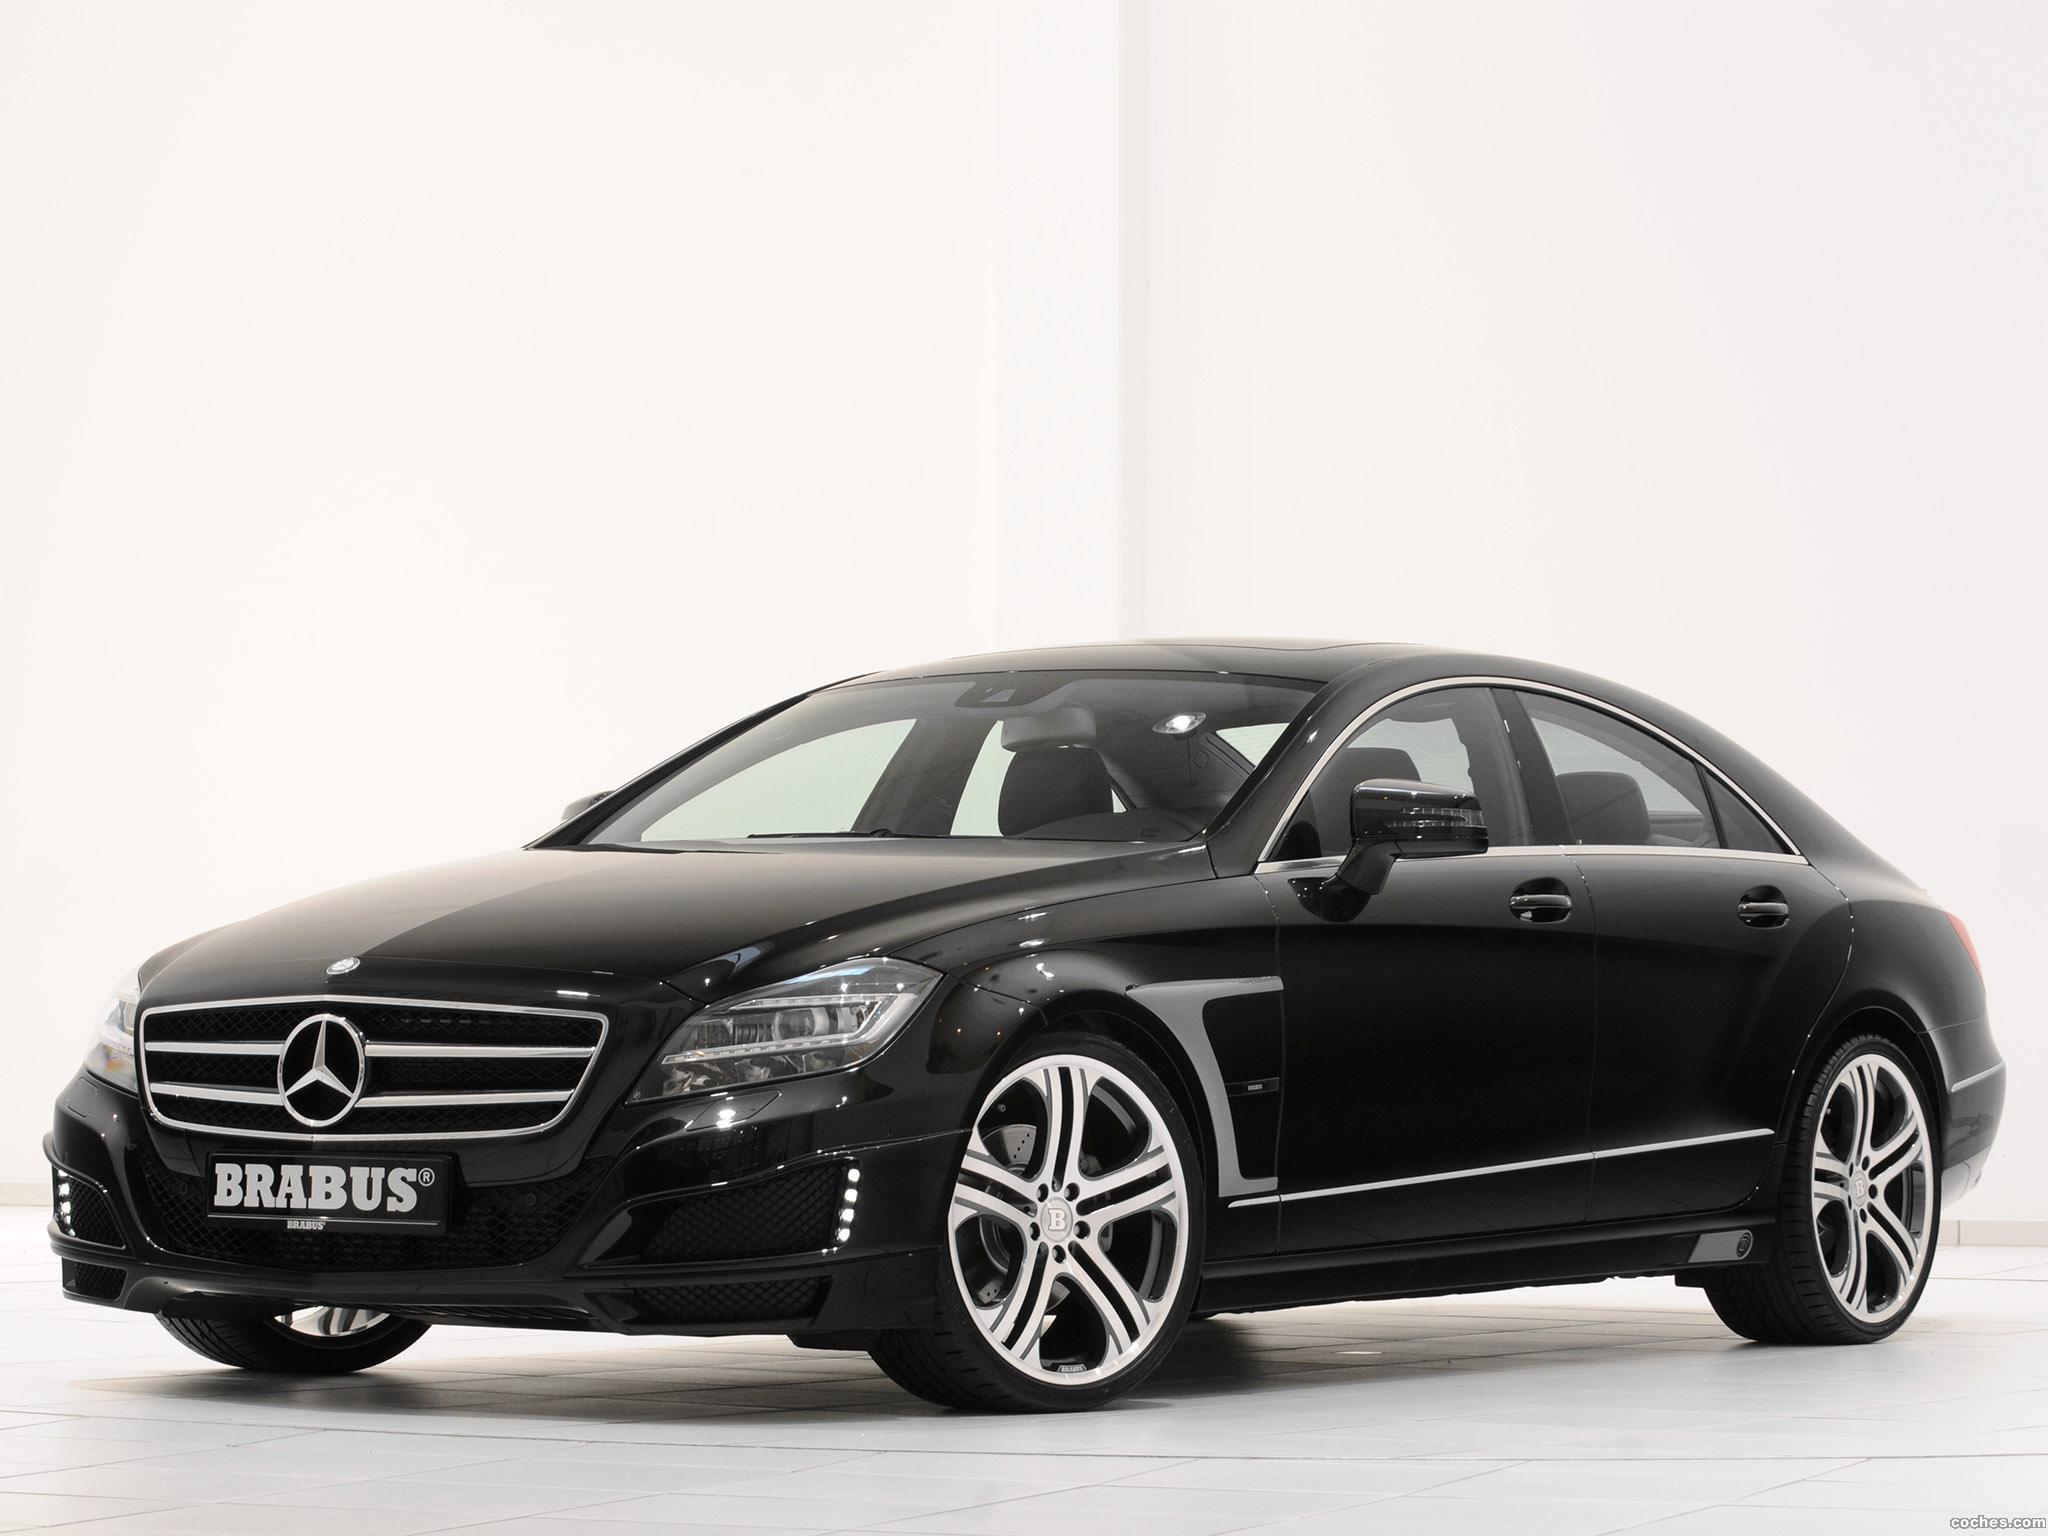 Foto 1 de Brabus Mercedes CLS 2011